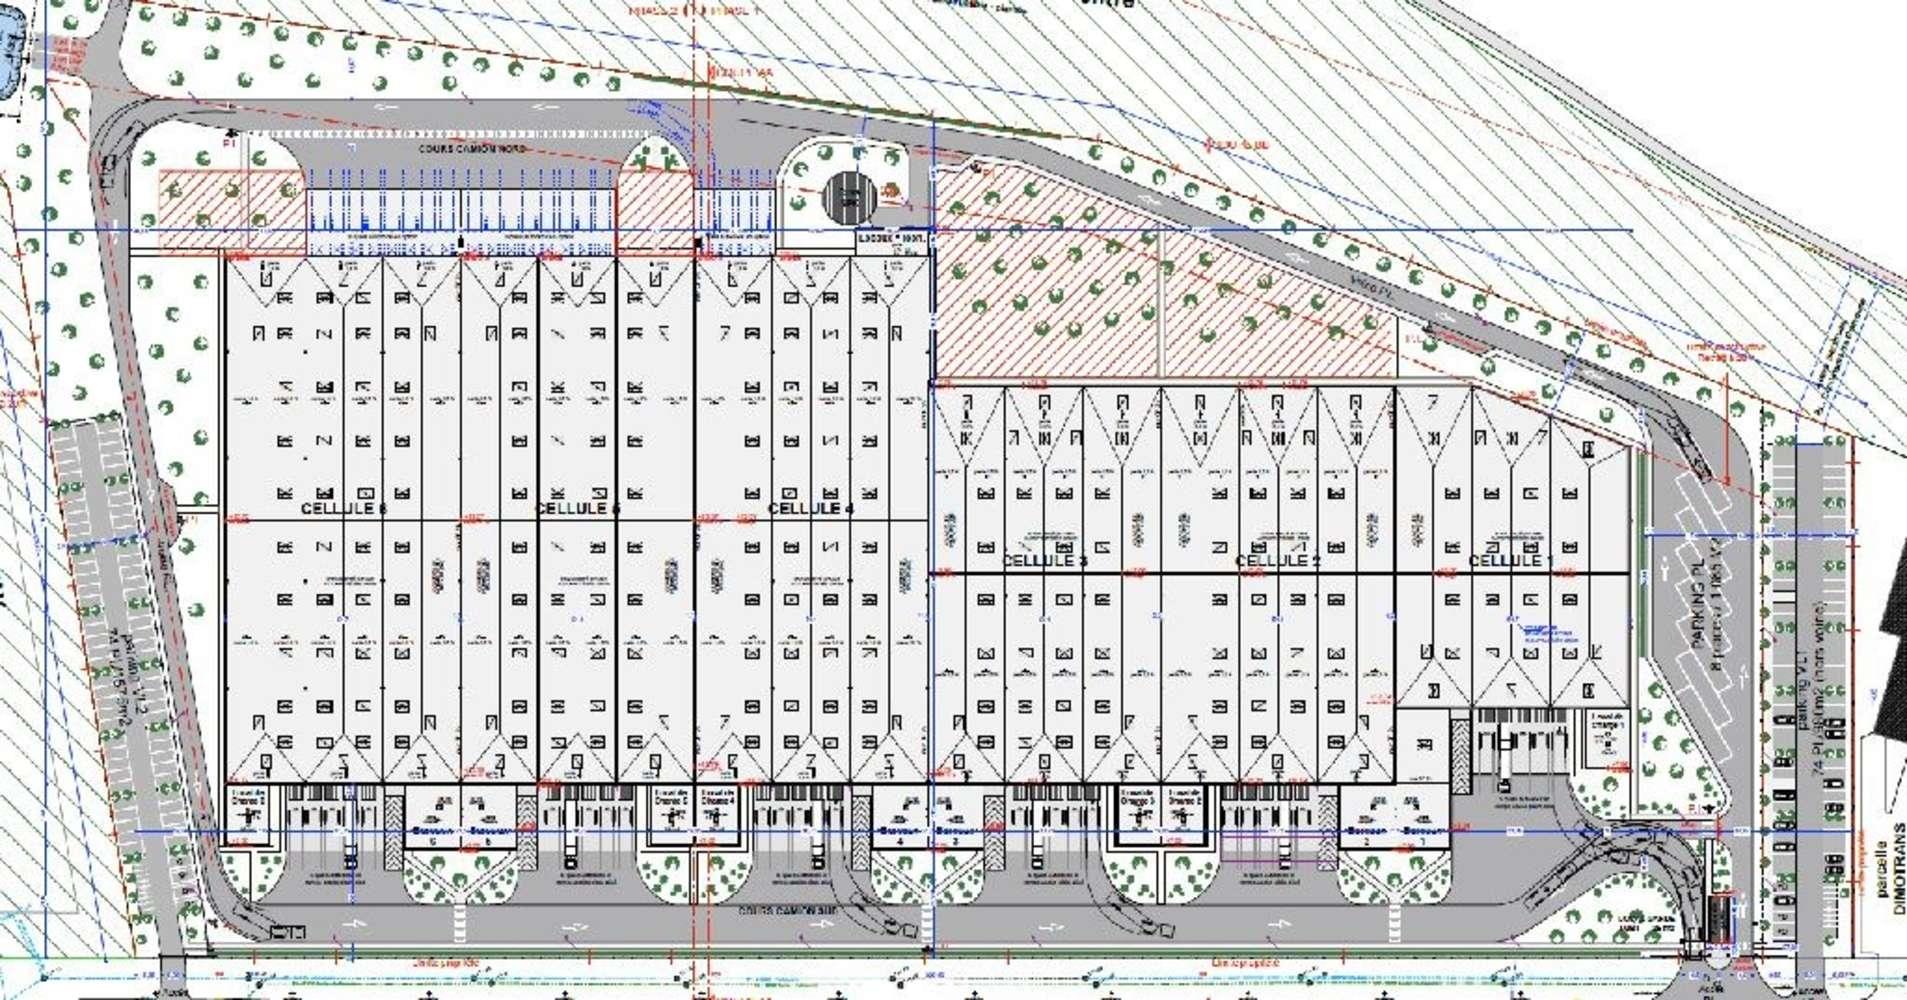 Plateformes logistiques Castelnau d estretefonds, 31620 - Entrepôt logistique divisible - A louer - 9455374